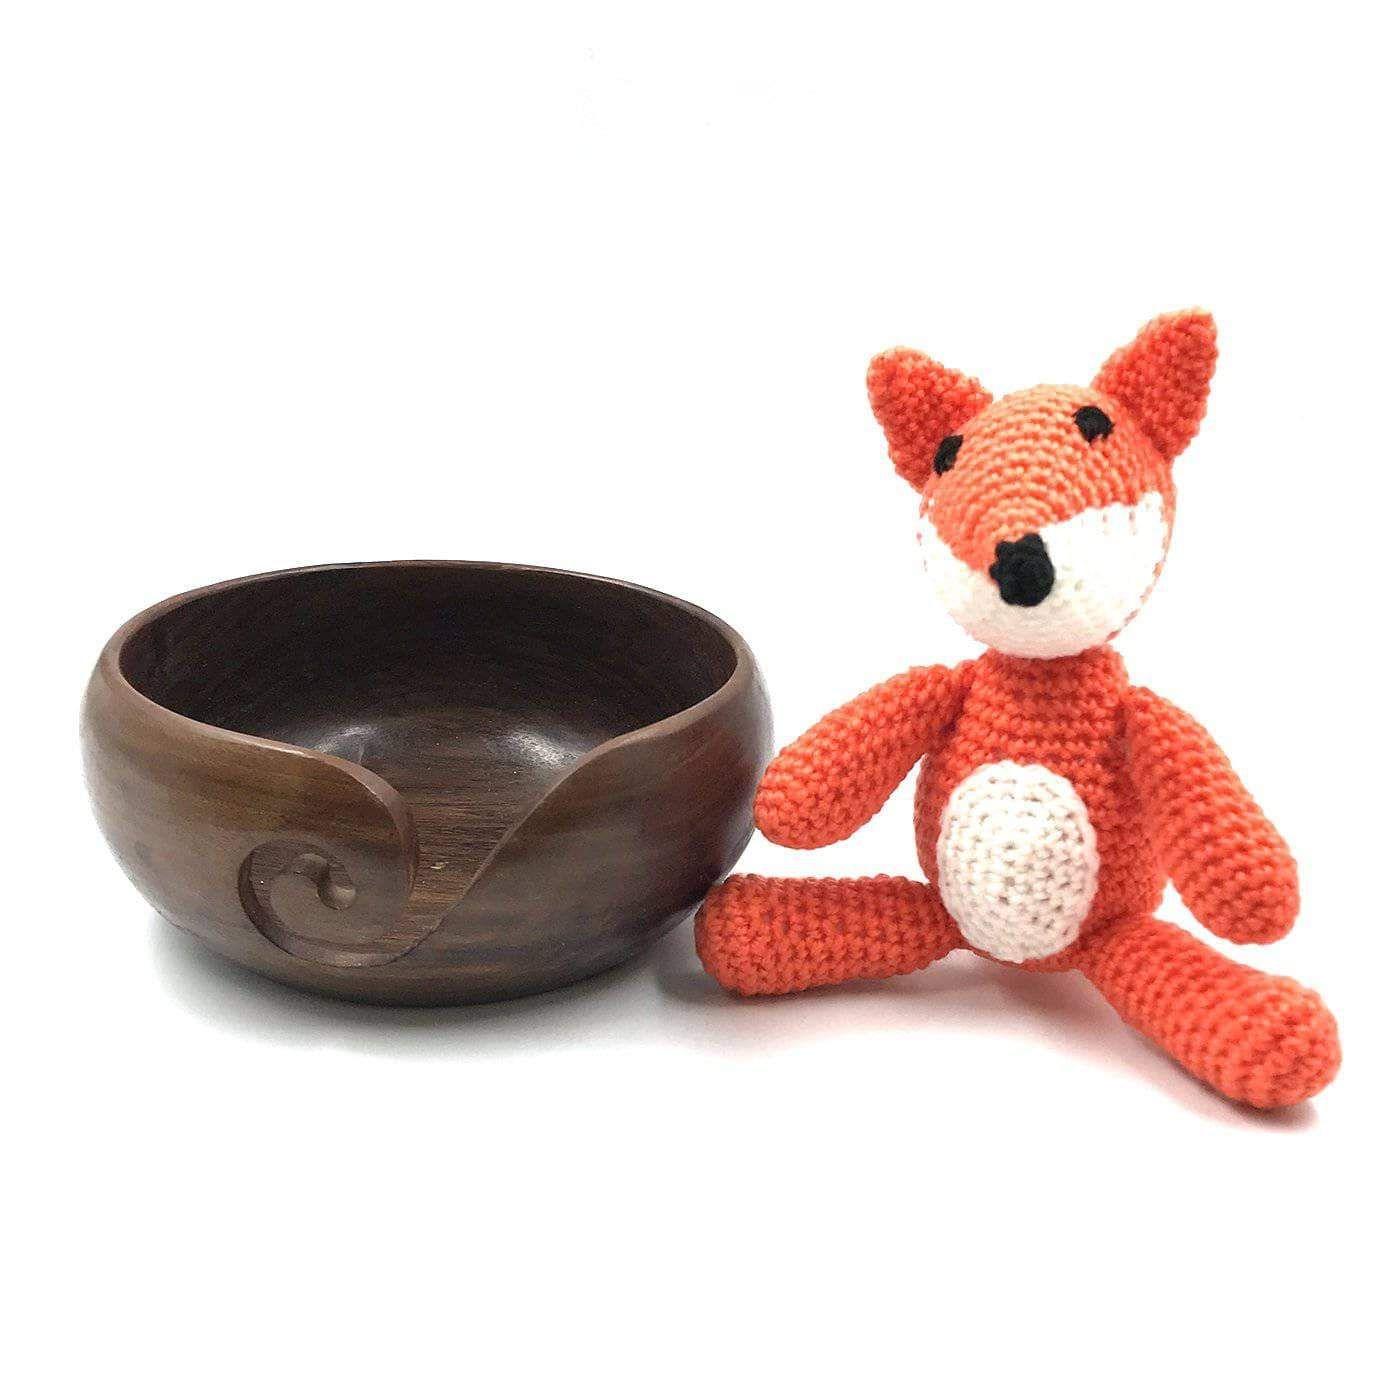 Beginners Crochet Starter Kit 6 Colour Coded Grip Crochet   Etsy   1400x1400